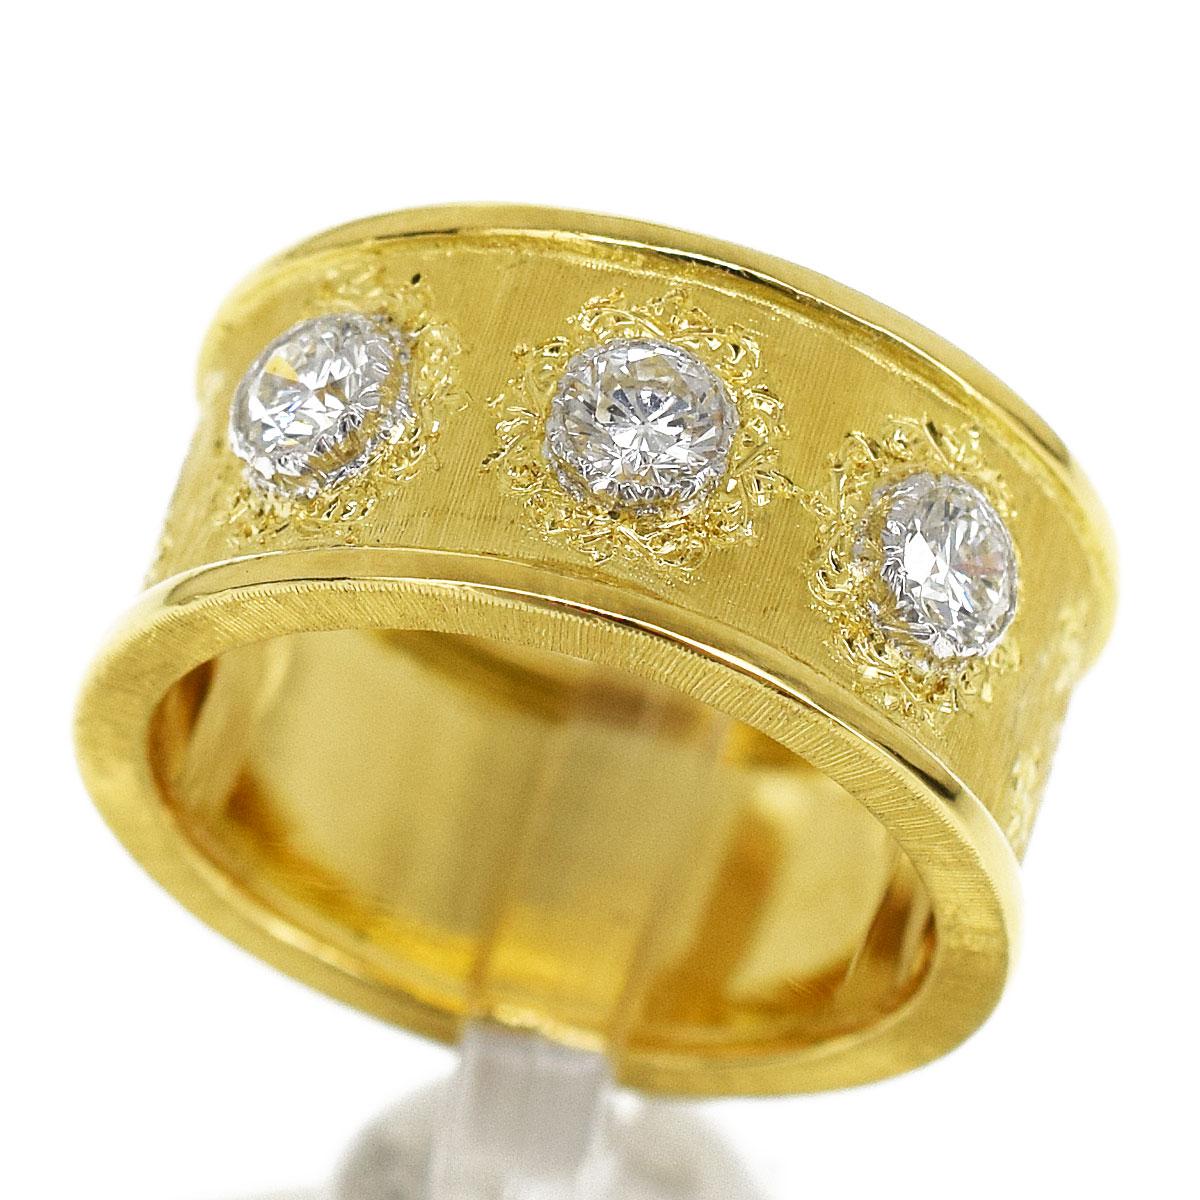 レディースジュエリー・アクセサリー, 指輪・リング GIANMARIA BUCCELLATI (D0.39cts) 18K 750 YG WG 8 4829971201